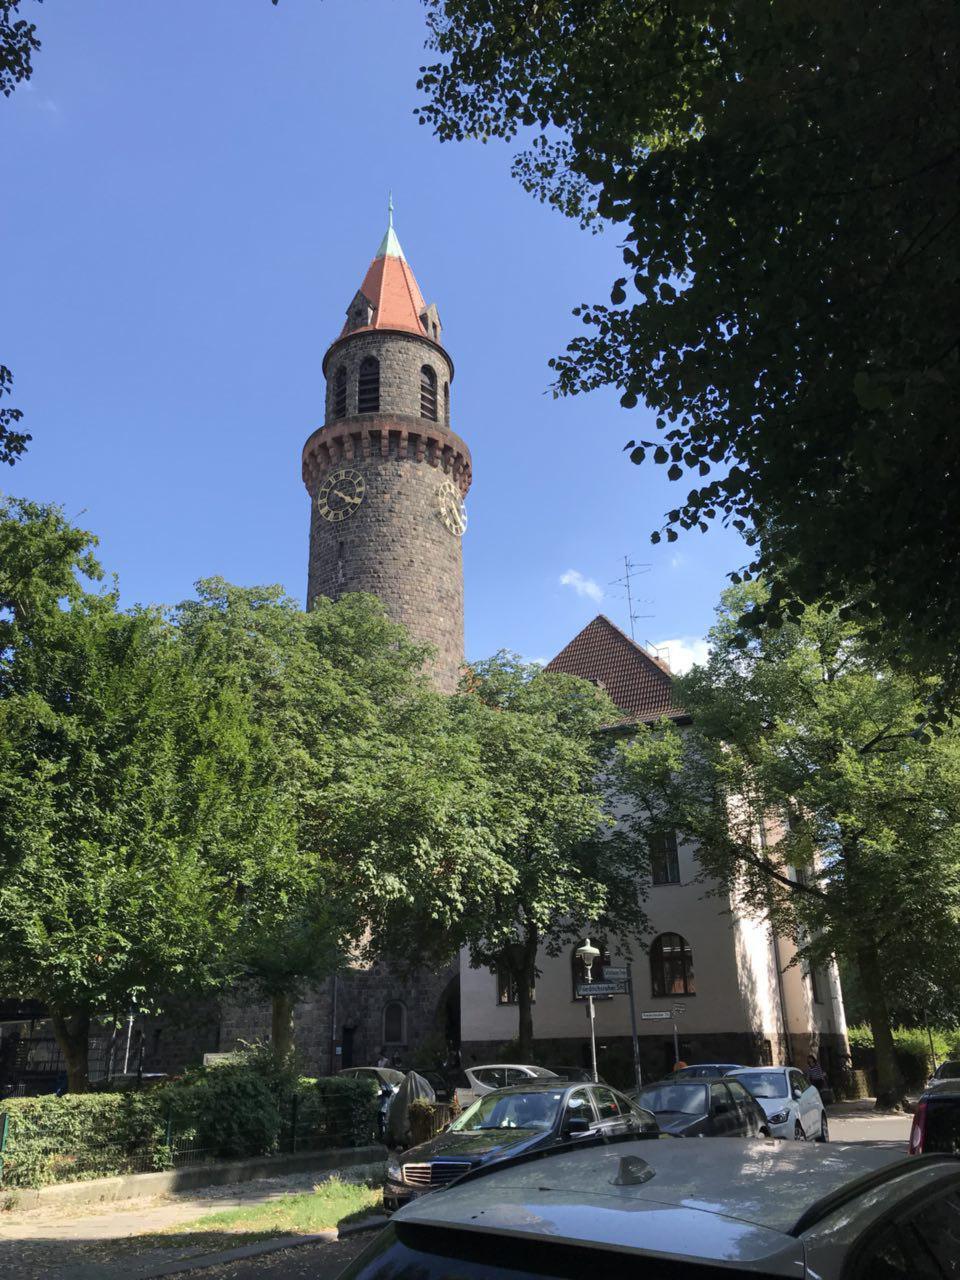 3 베를린의 흔한 산책길 [출처 필자].jpg